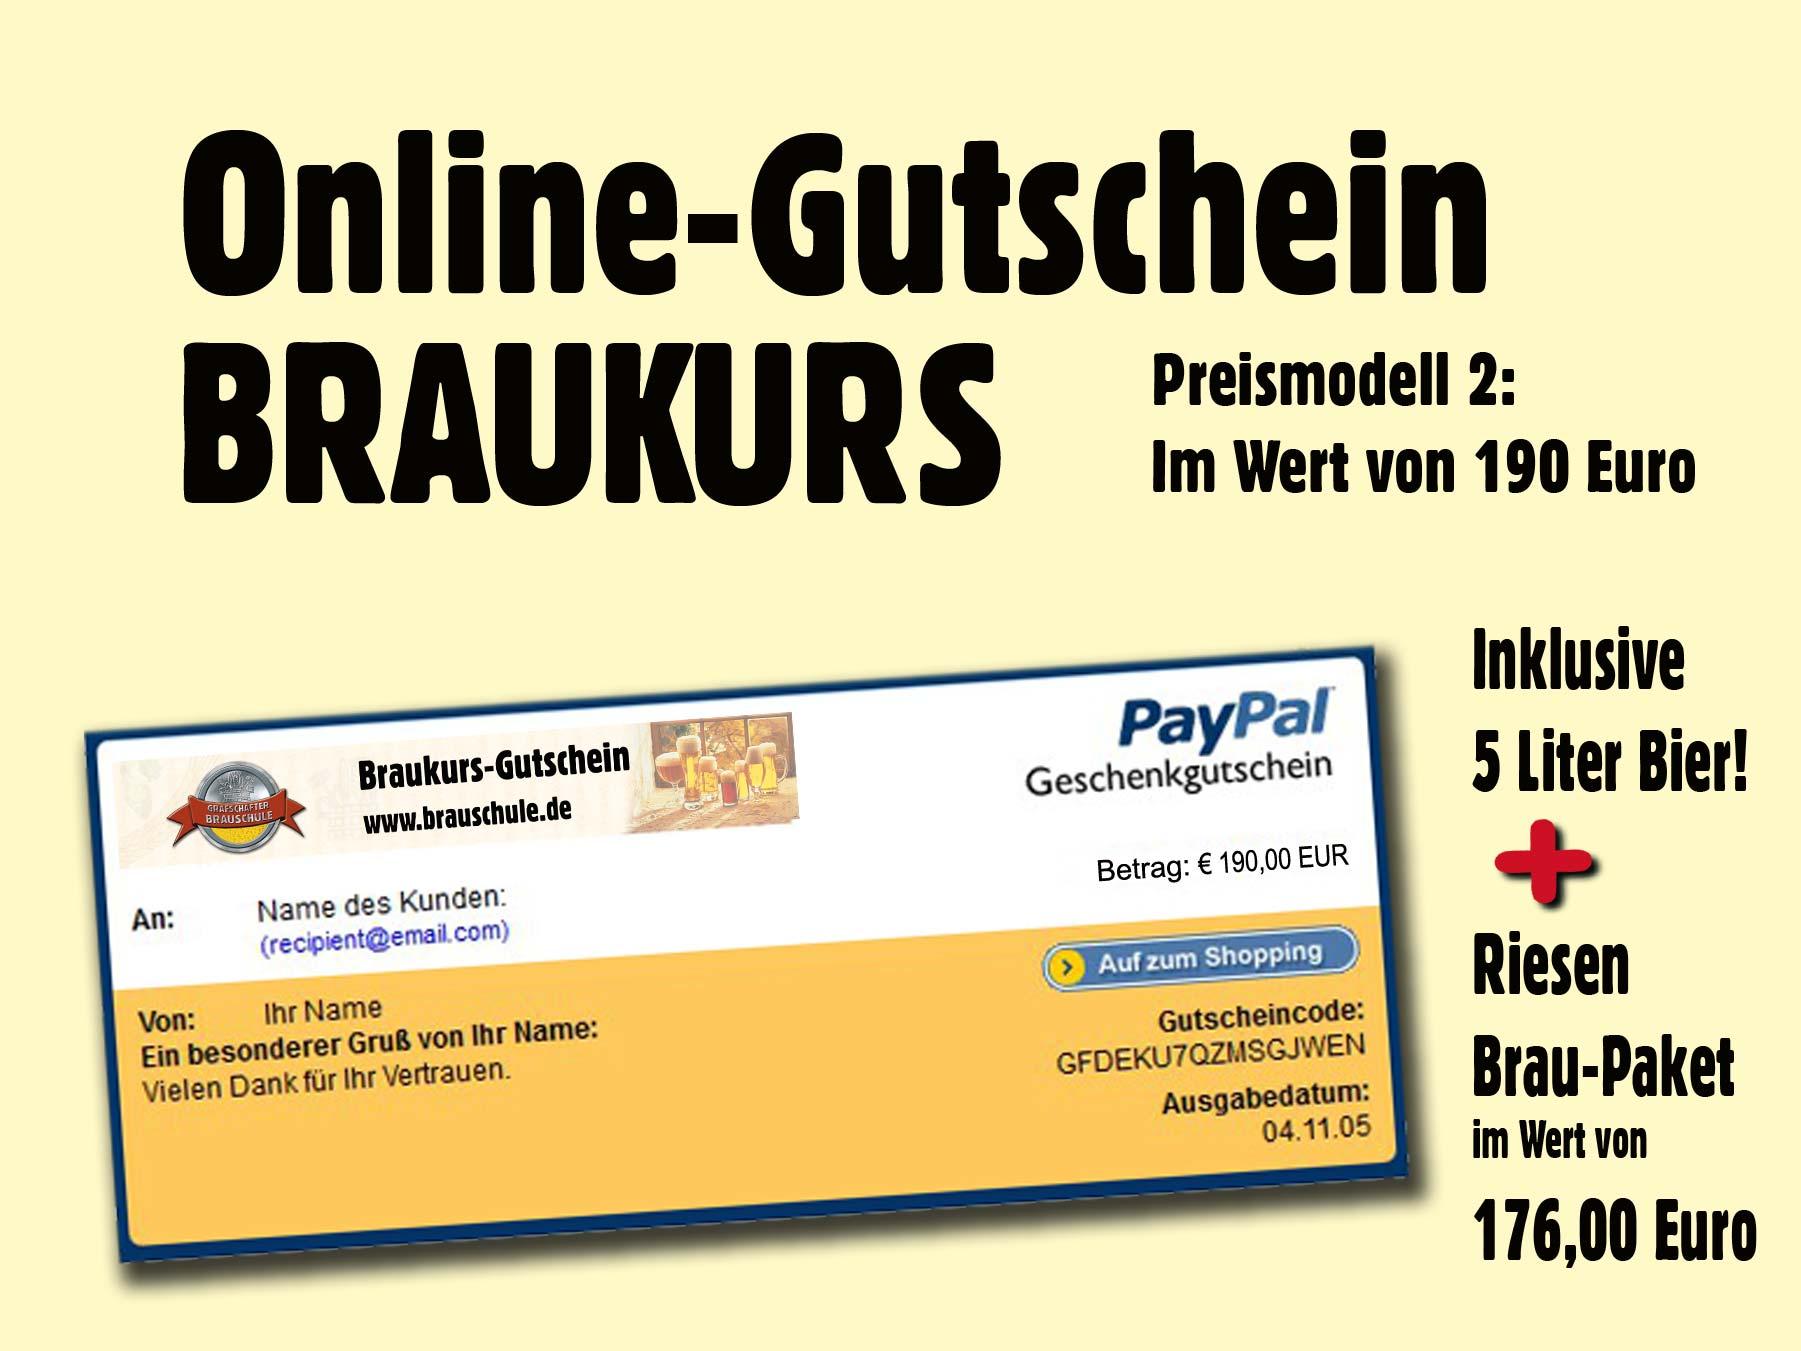 paypal online gutschein